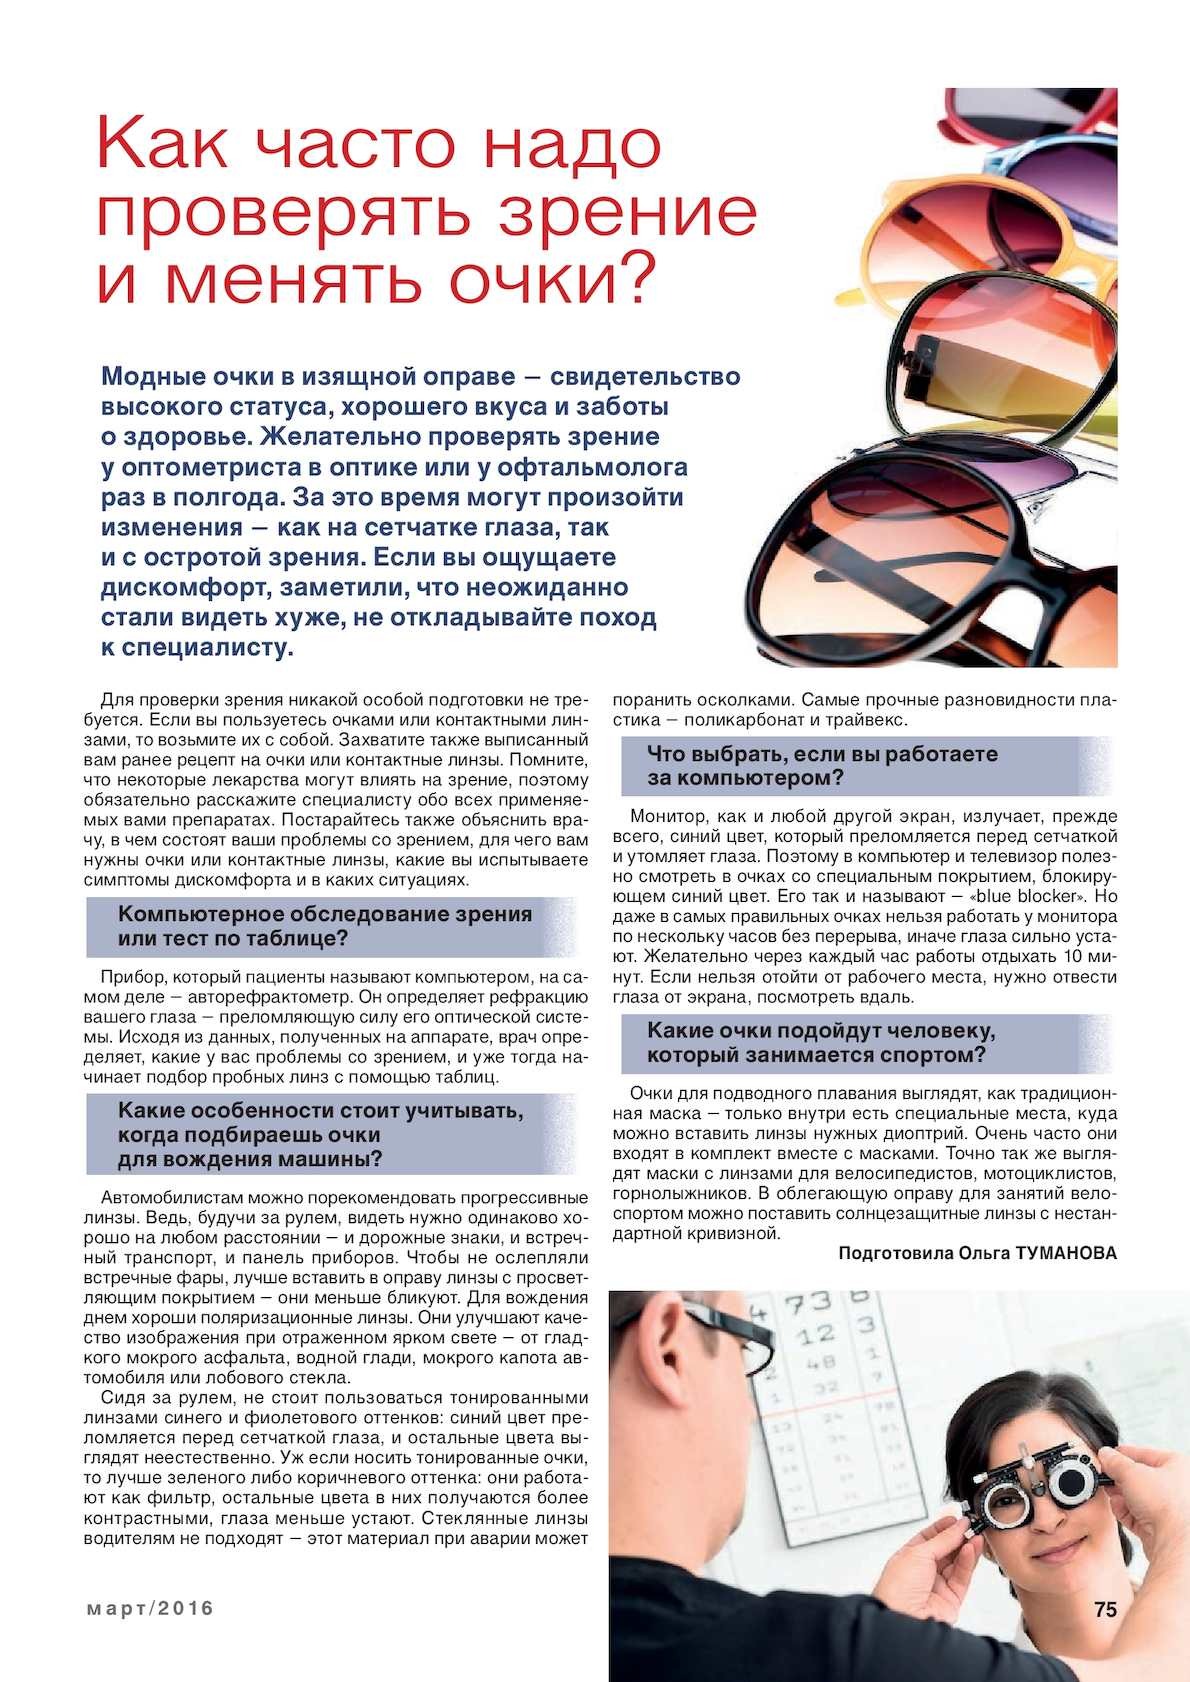 862edd350bca Кавказская здравница - Здоровье, № 1 2016 - CALAMEO Downloader